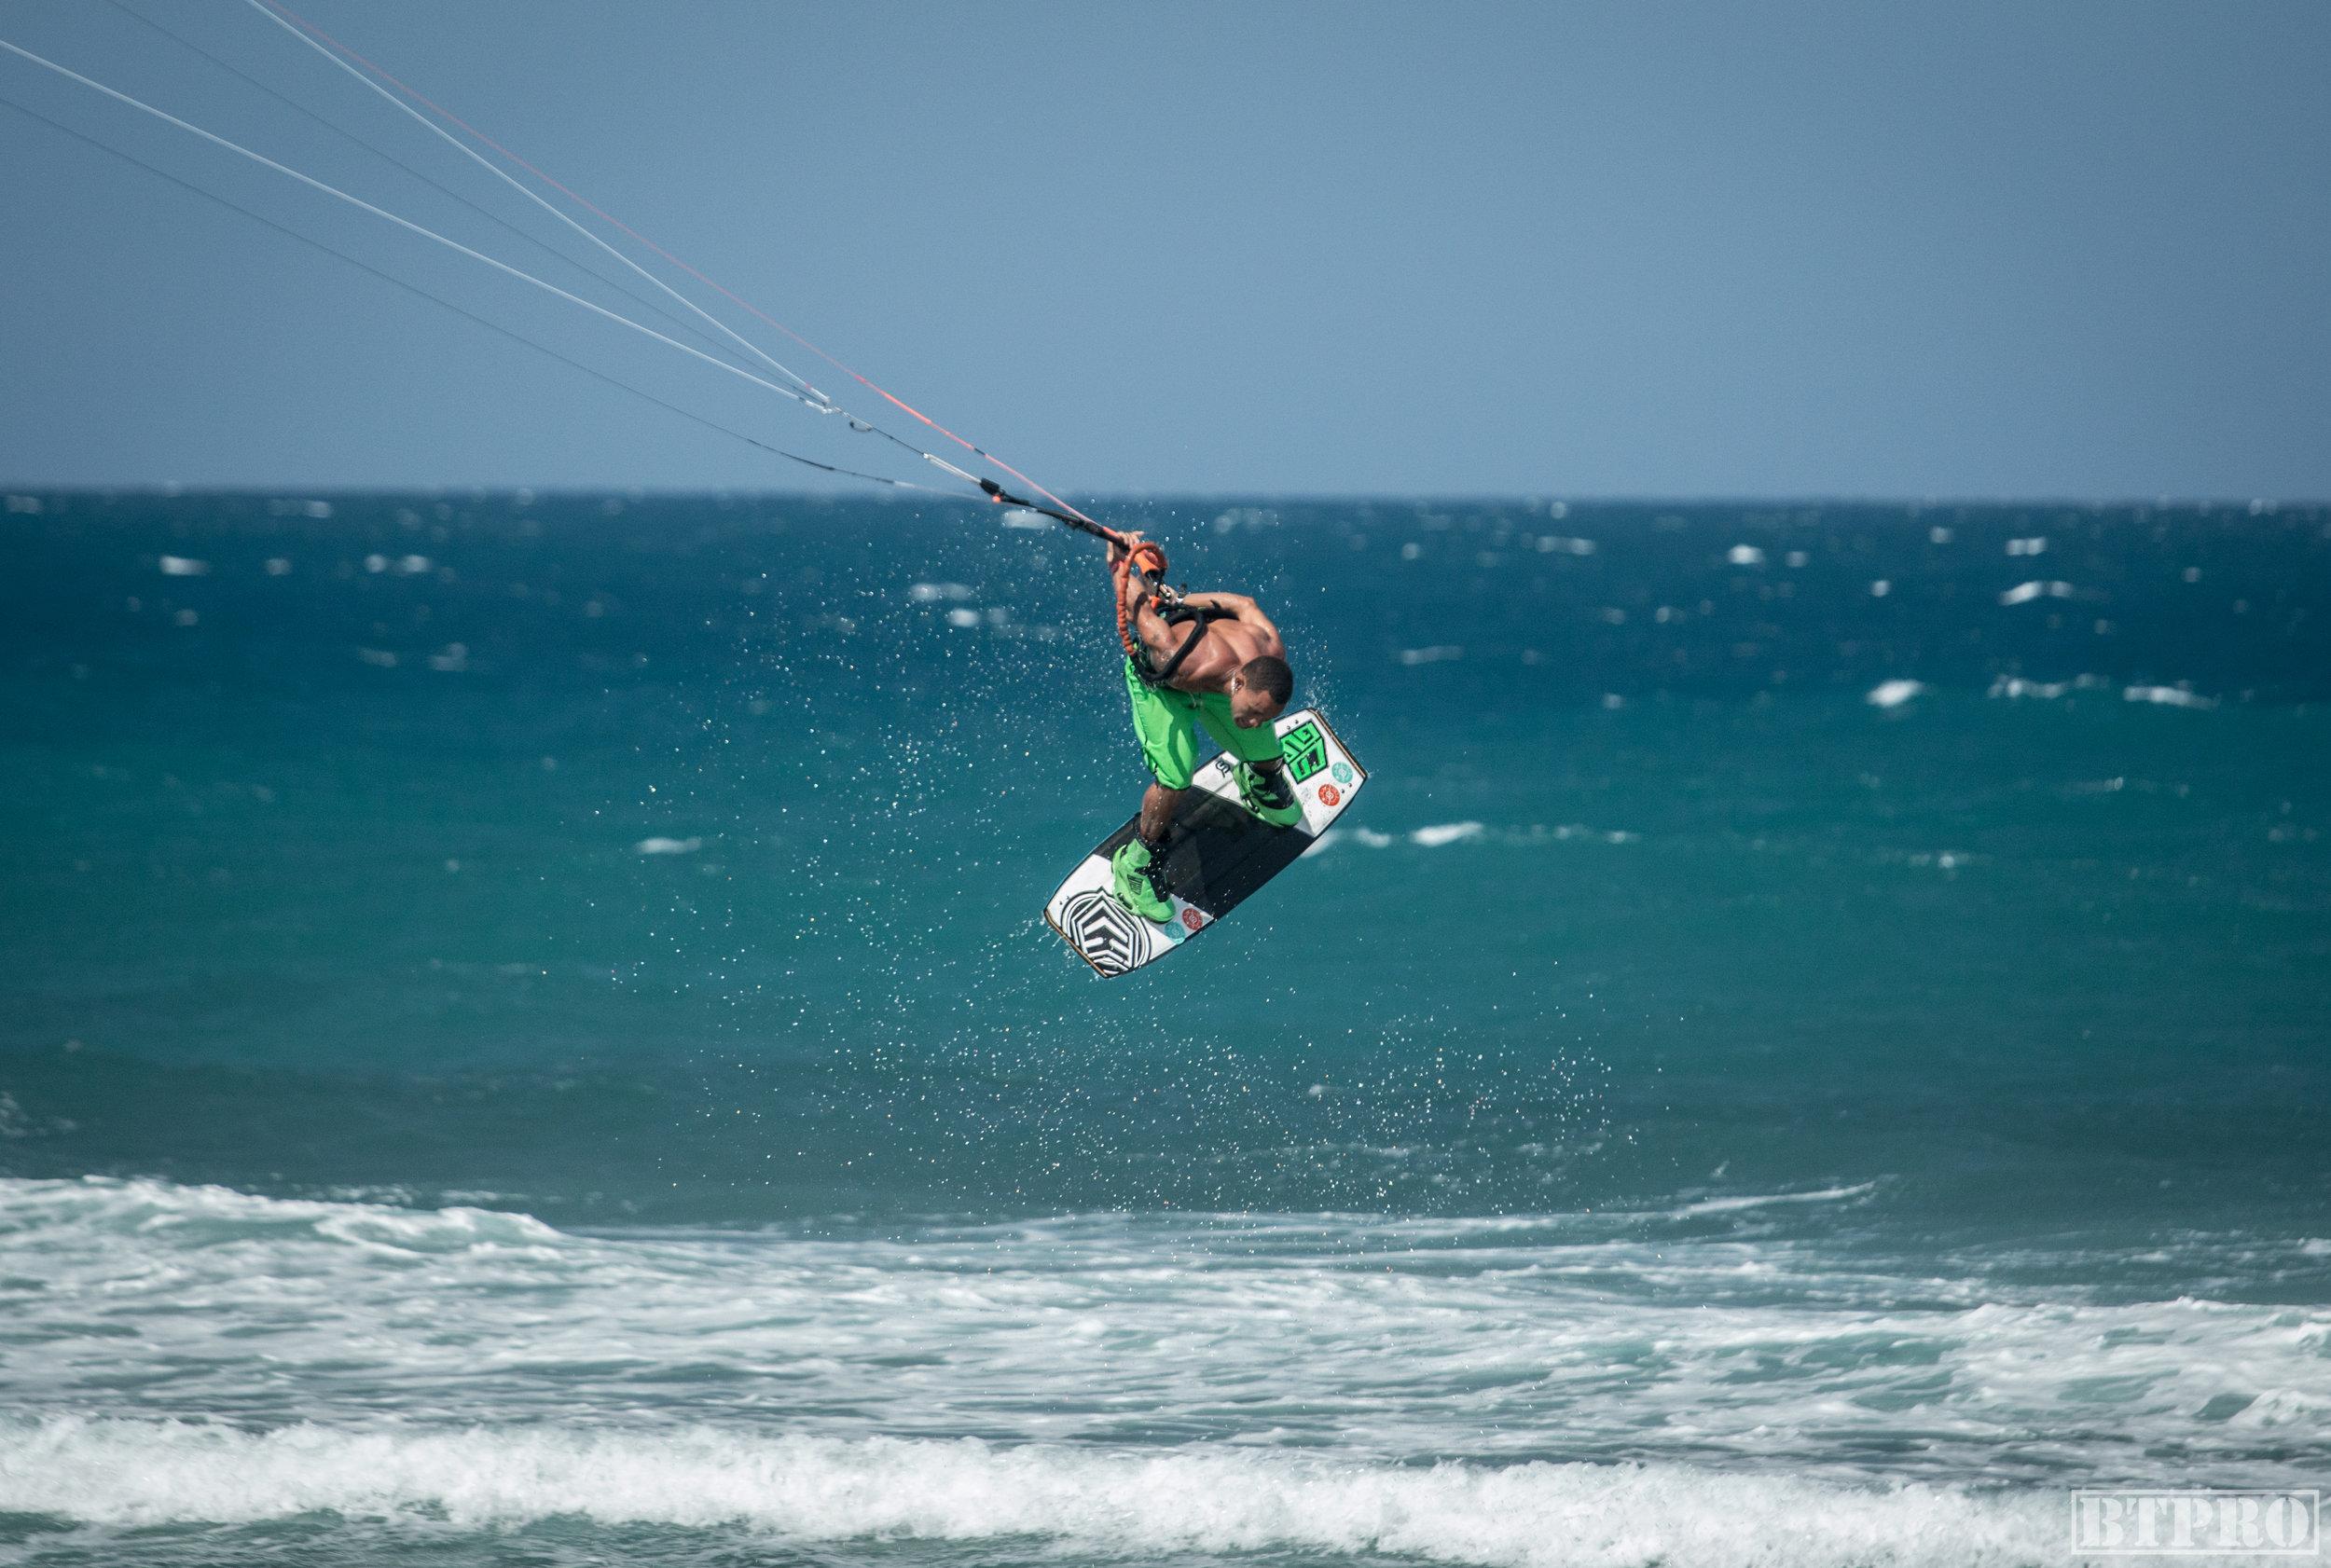 kitesurfing, kitesurf, kiteboarding, kitesurf photography, master of the ocean, master of the ocean 2016